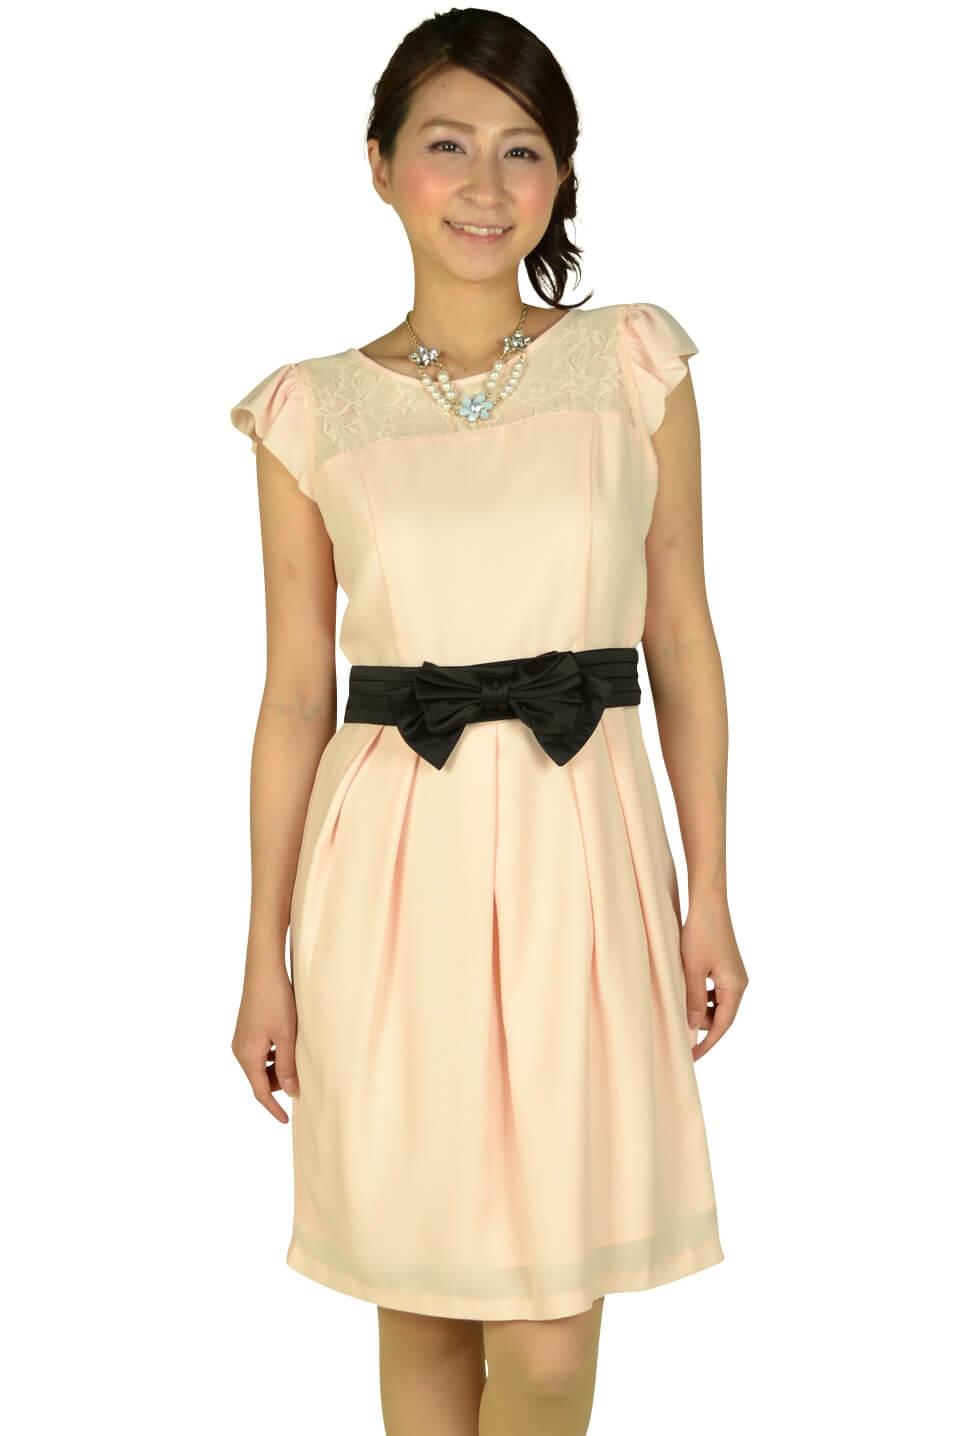 レッセパッセ(LAISSE PASSE) ヨークレースセミタイトドレス